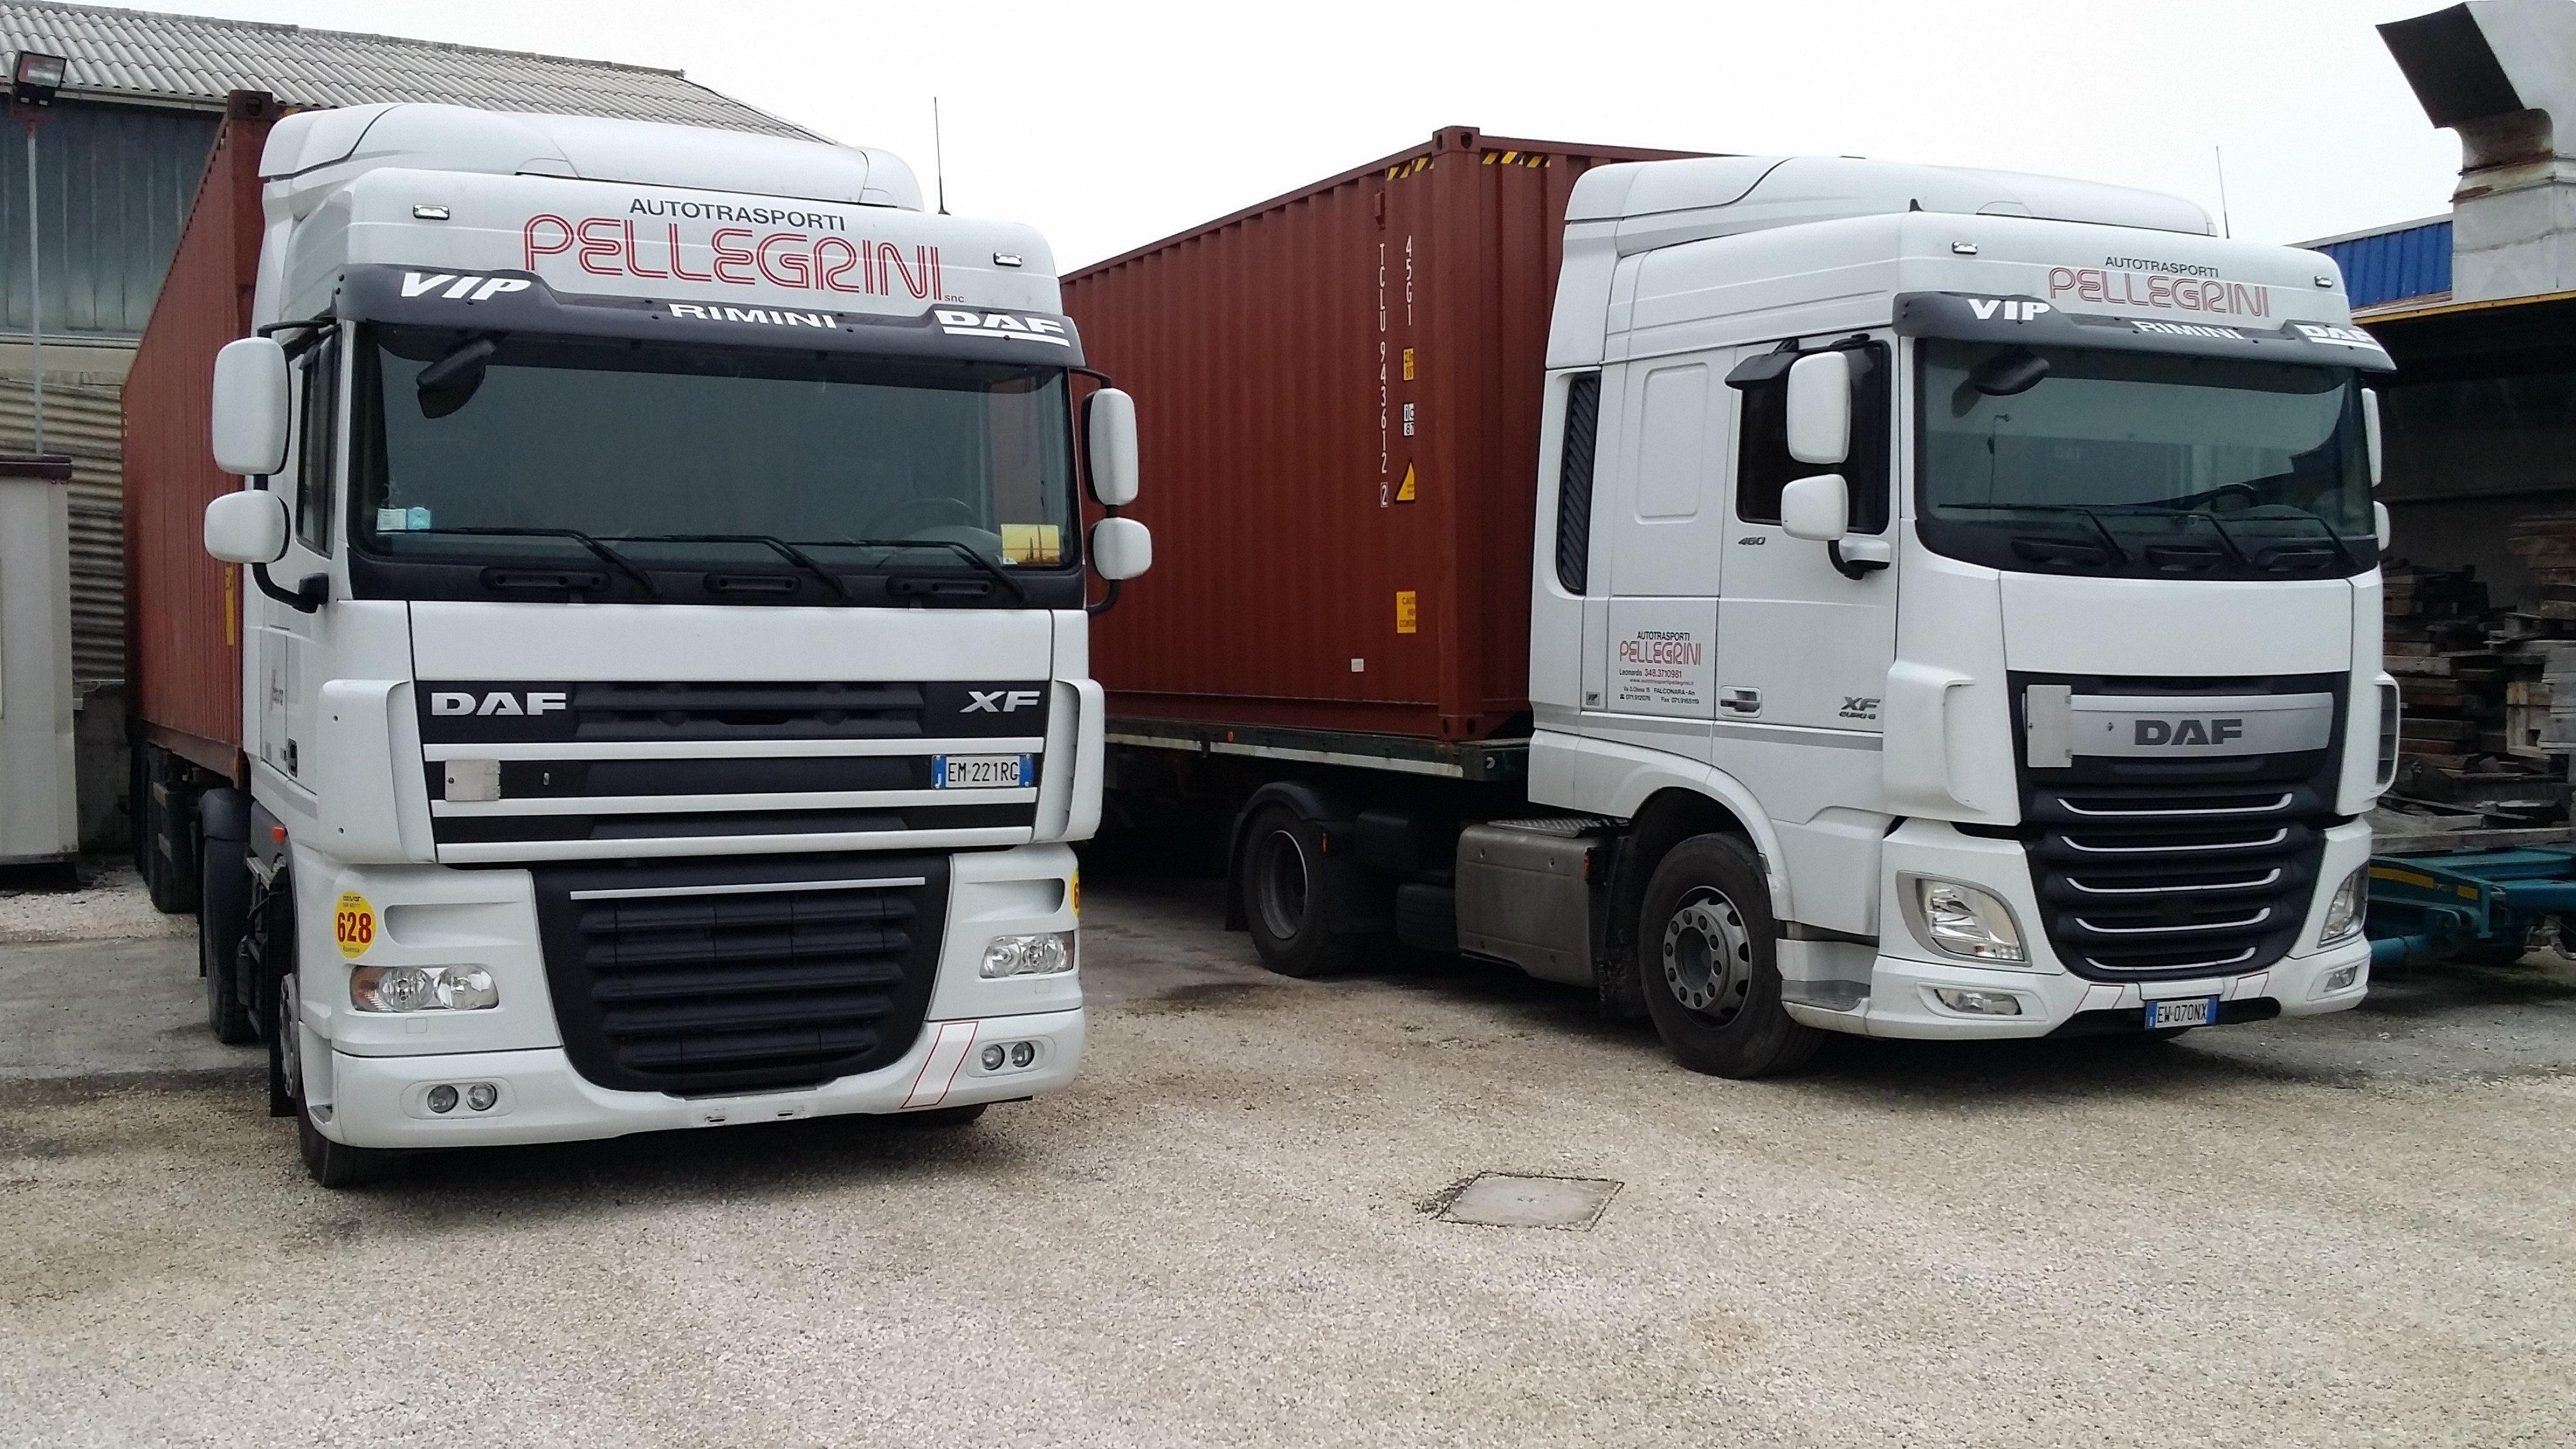 due camion bianchi con scritto Pellegrini